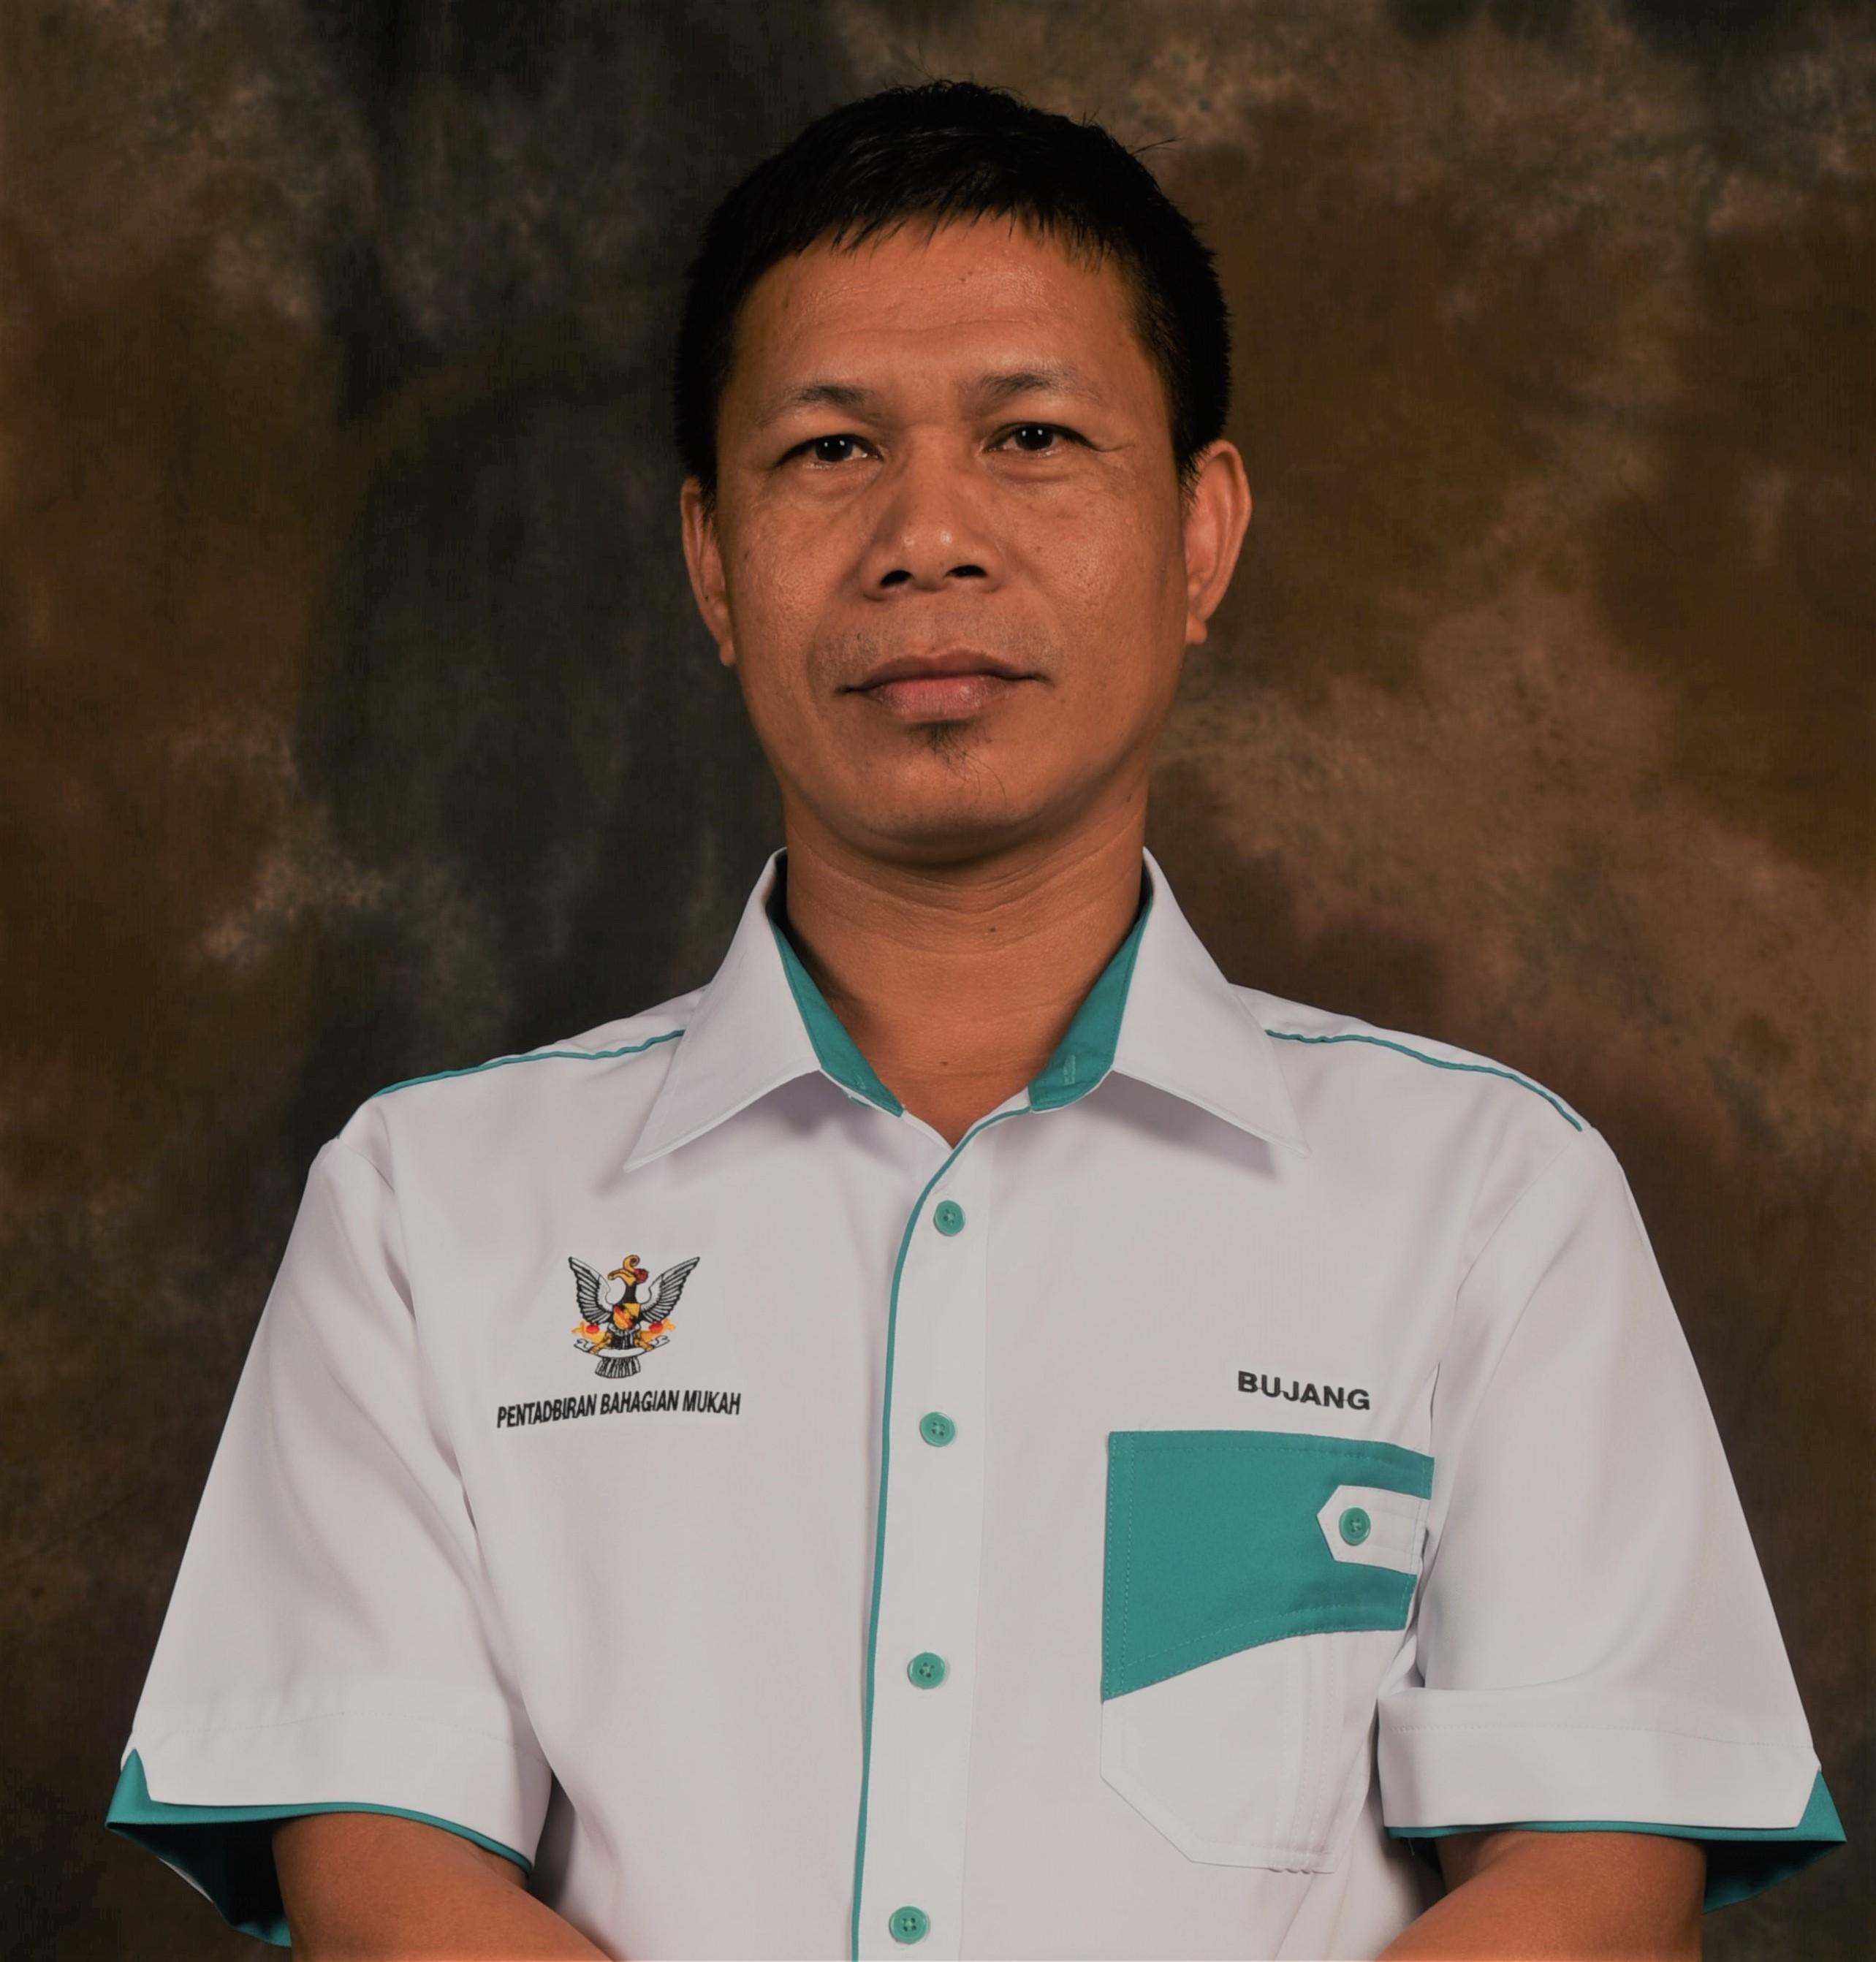 Bujang Rahman Bin Seli